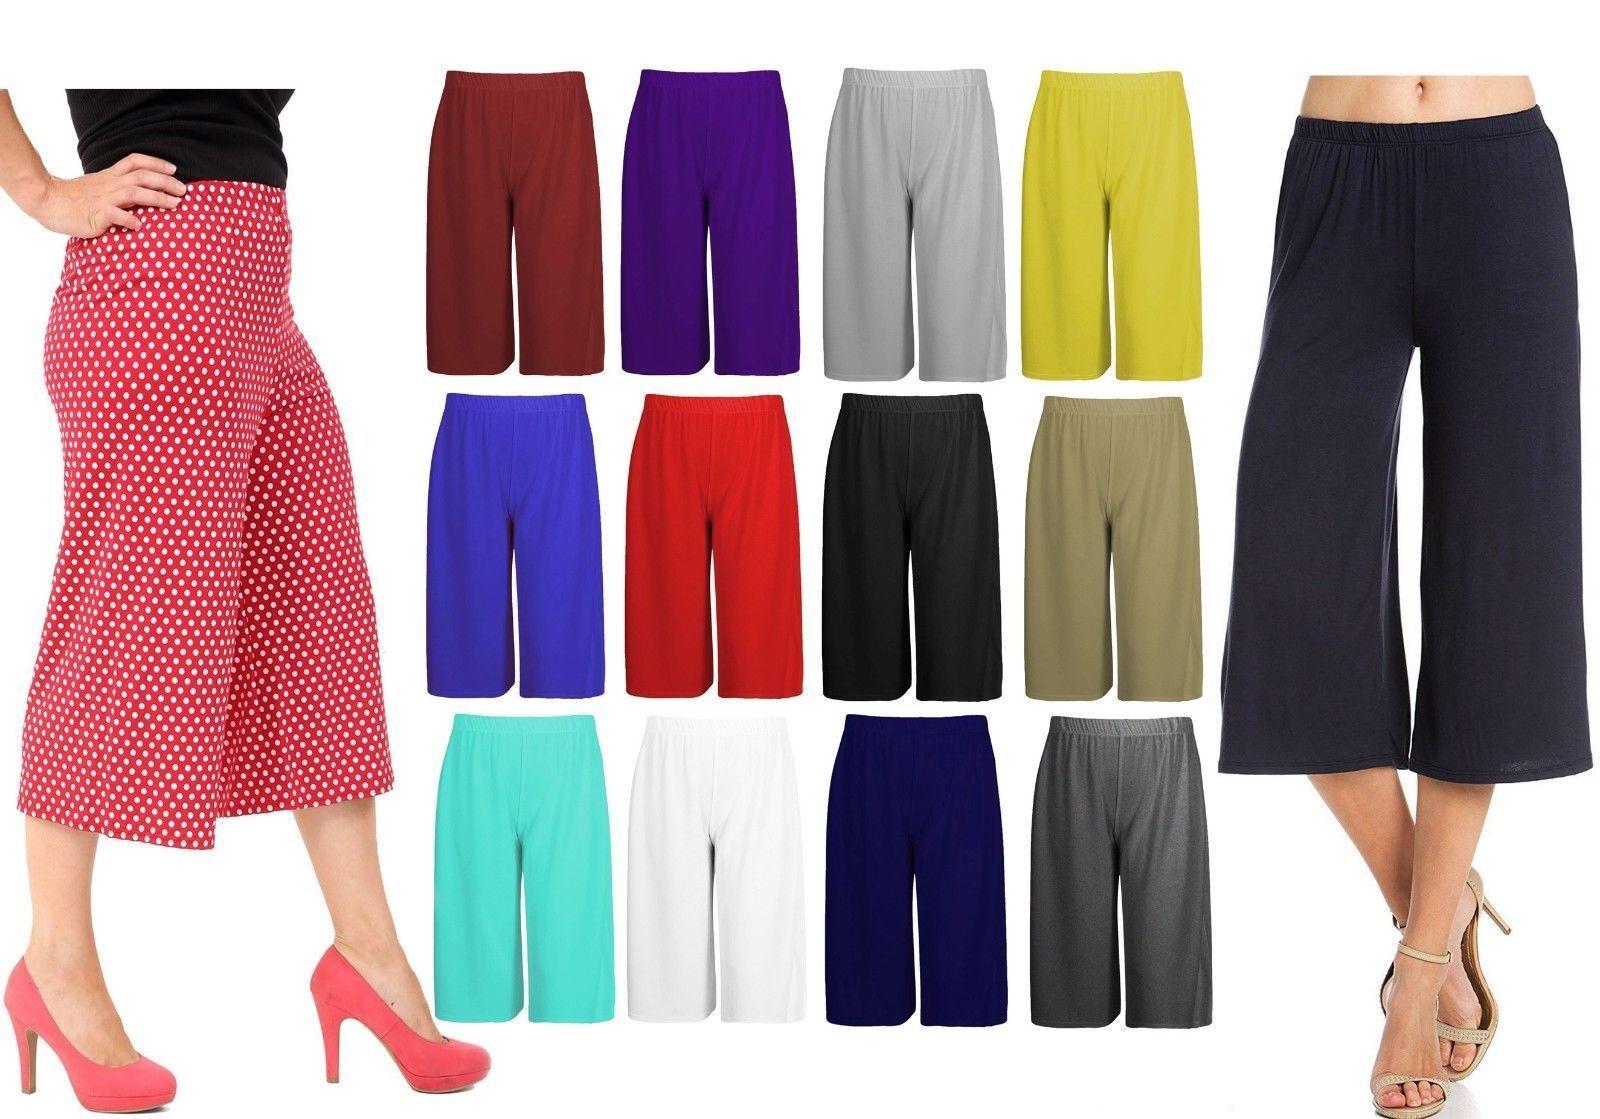 Damen Weites Bein Plazzo 3/4 Kurze Hosen Lässige Damen Locker Caprihose